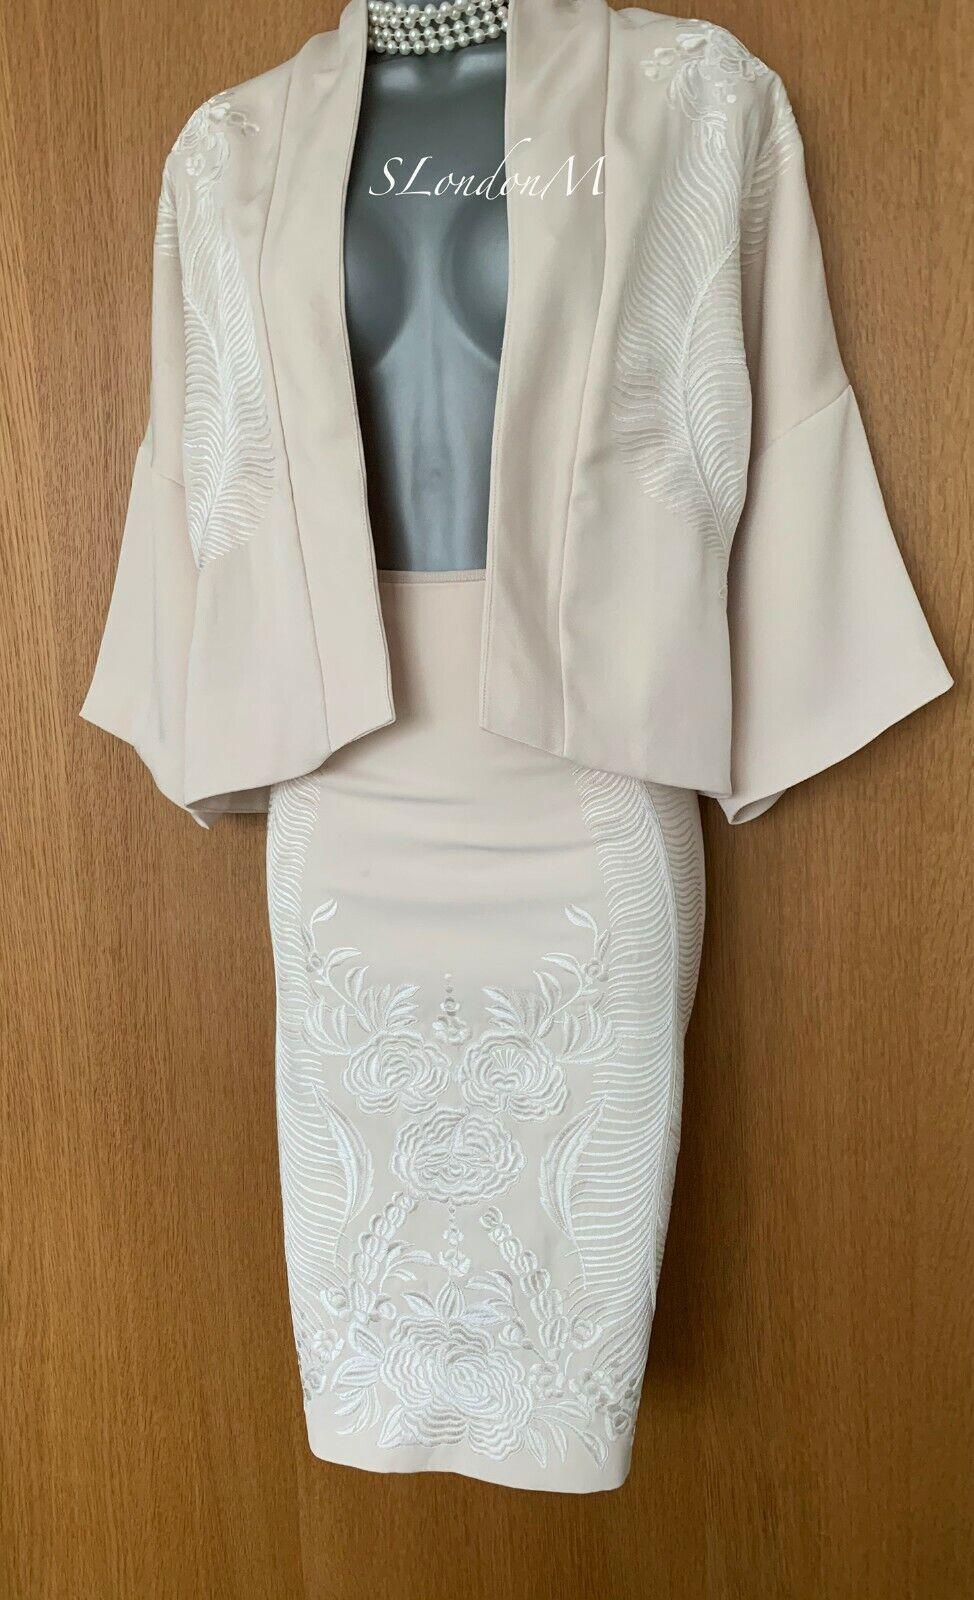 Umwerfend Karen Millen UK 10 Elfenbein Bestickt Formelle Suit Rock & Bolero